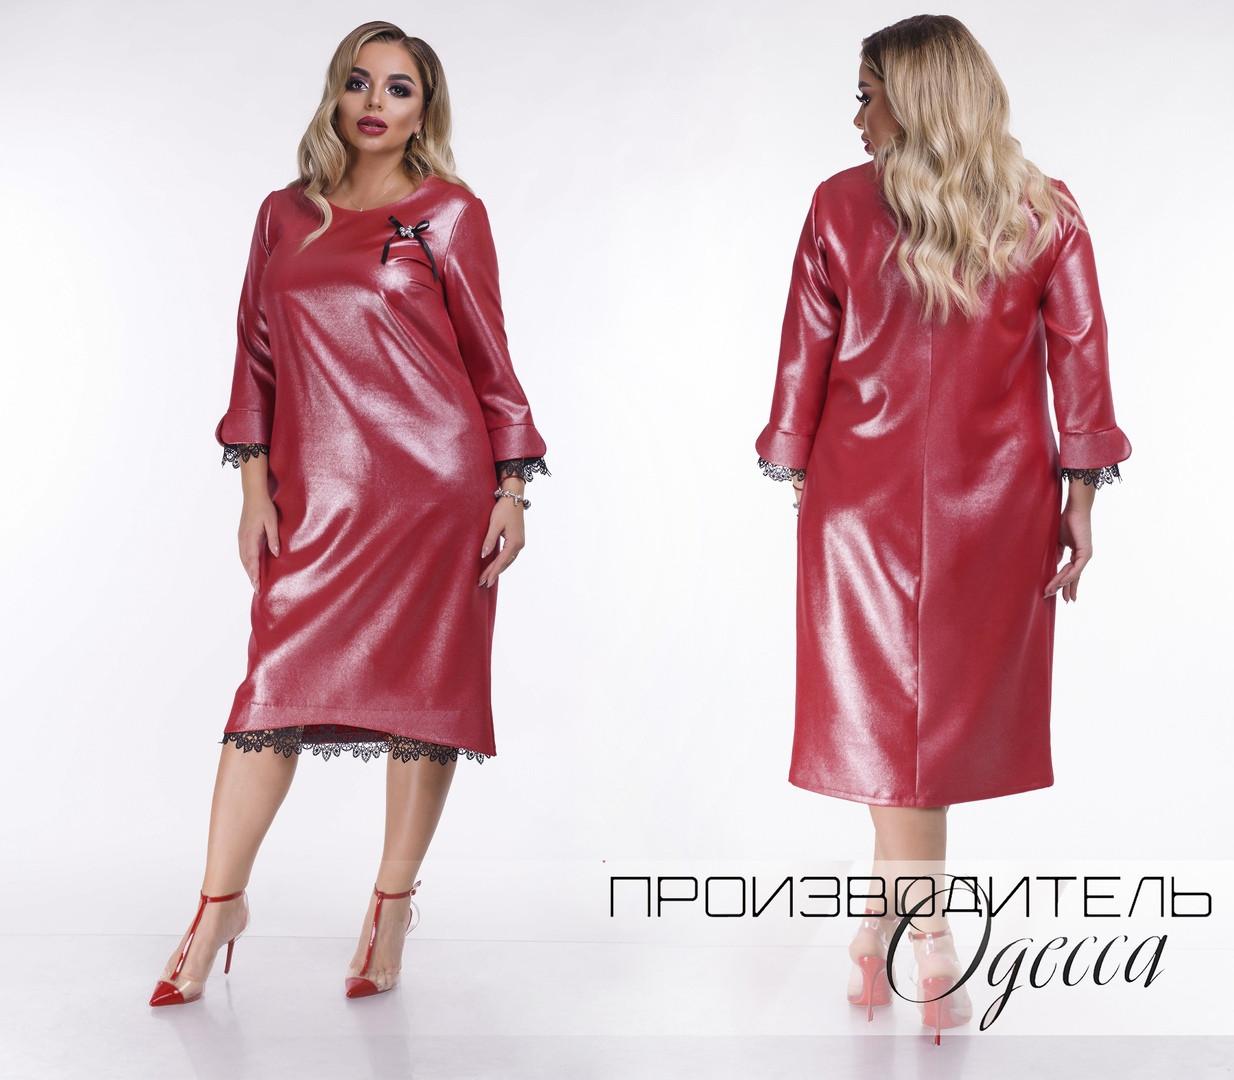 Платье больших размеров от 48 до 62 ткань с напылением, украшено кружевом / 7 цветов арт 7104-538